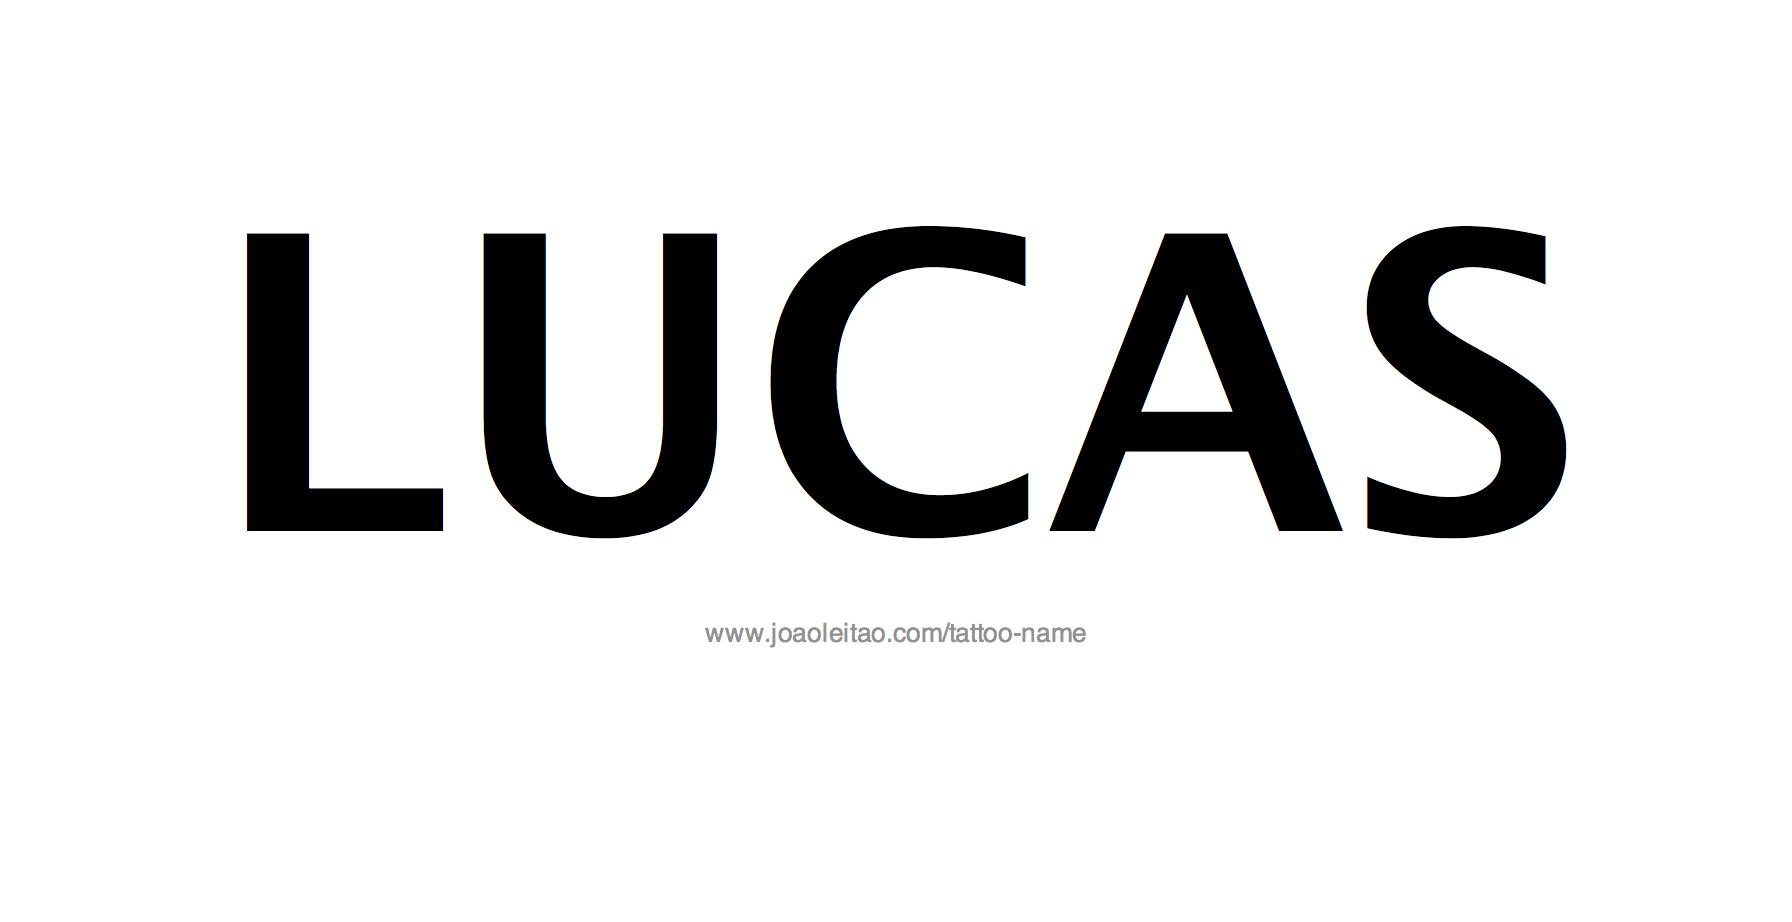 Name: Lucas Name Tattoo Designs